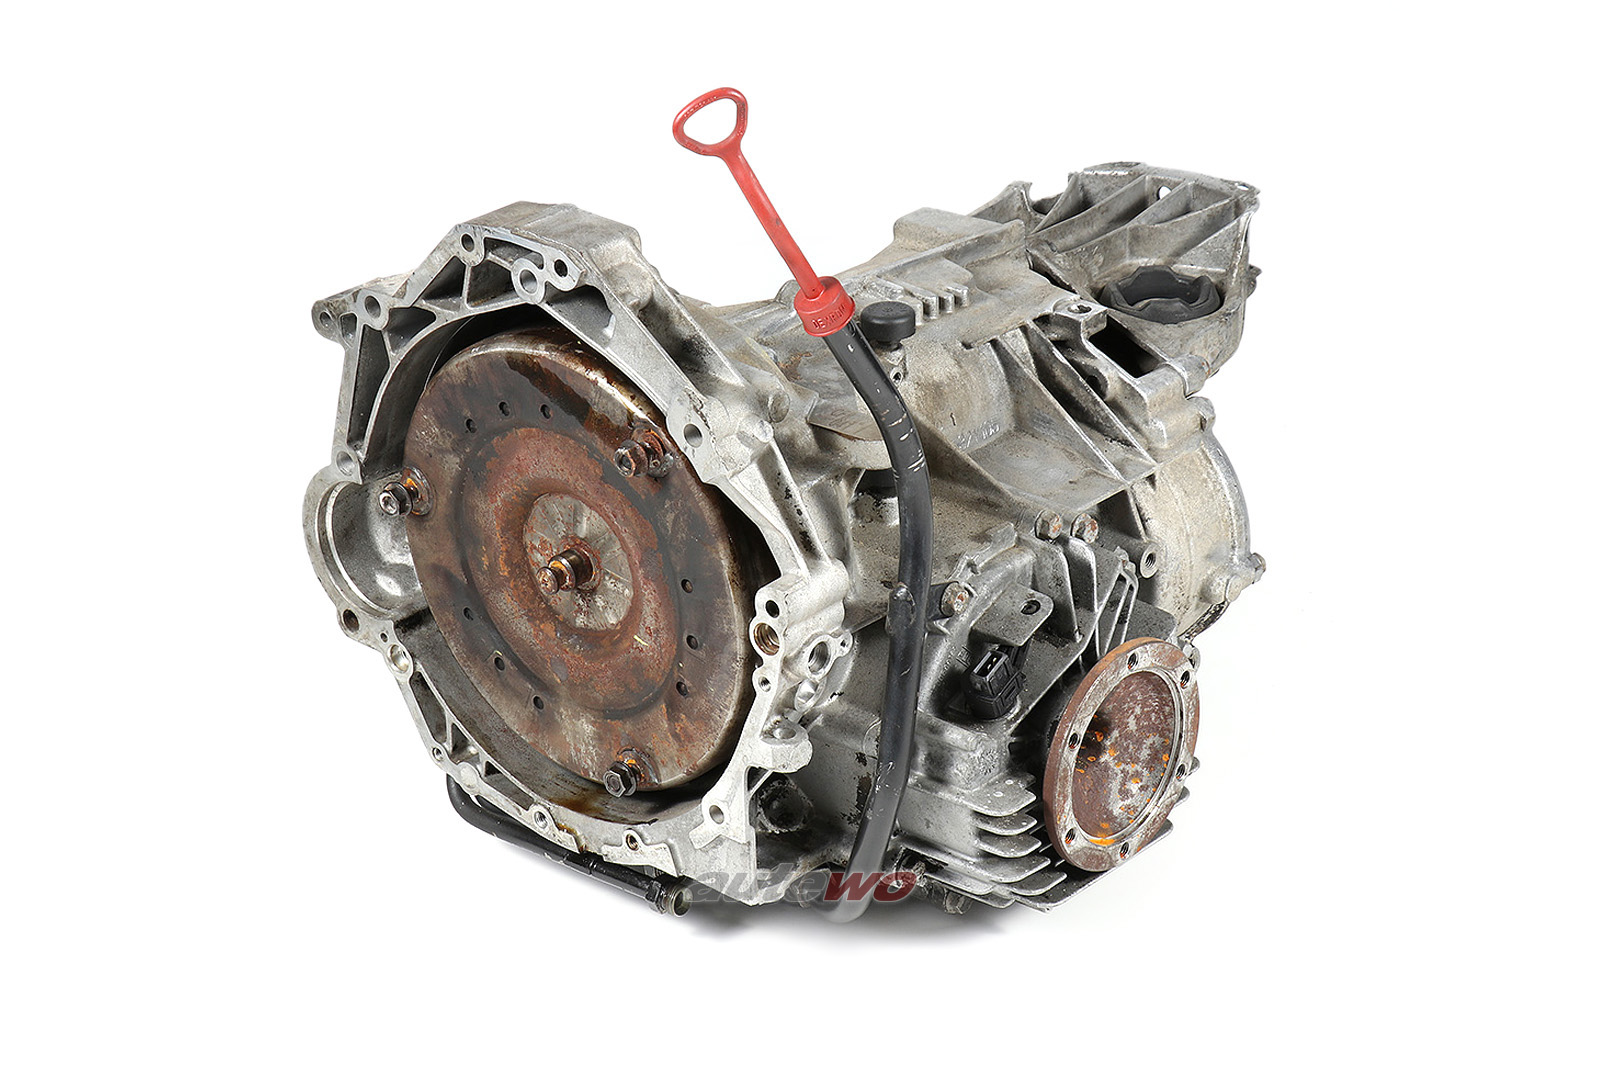 097300036GX Audi 80 B4 2.0l Automatikgetriebe CFR 22123 147500km